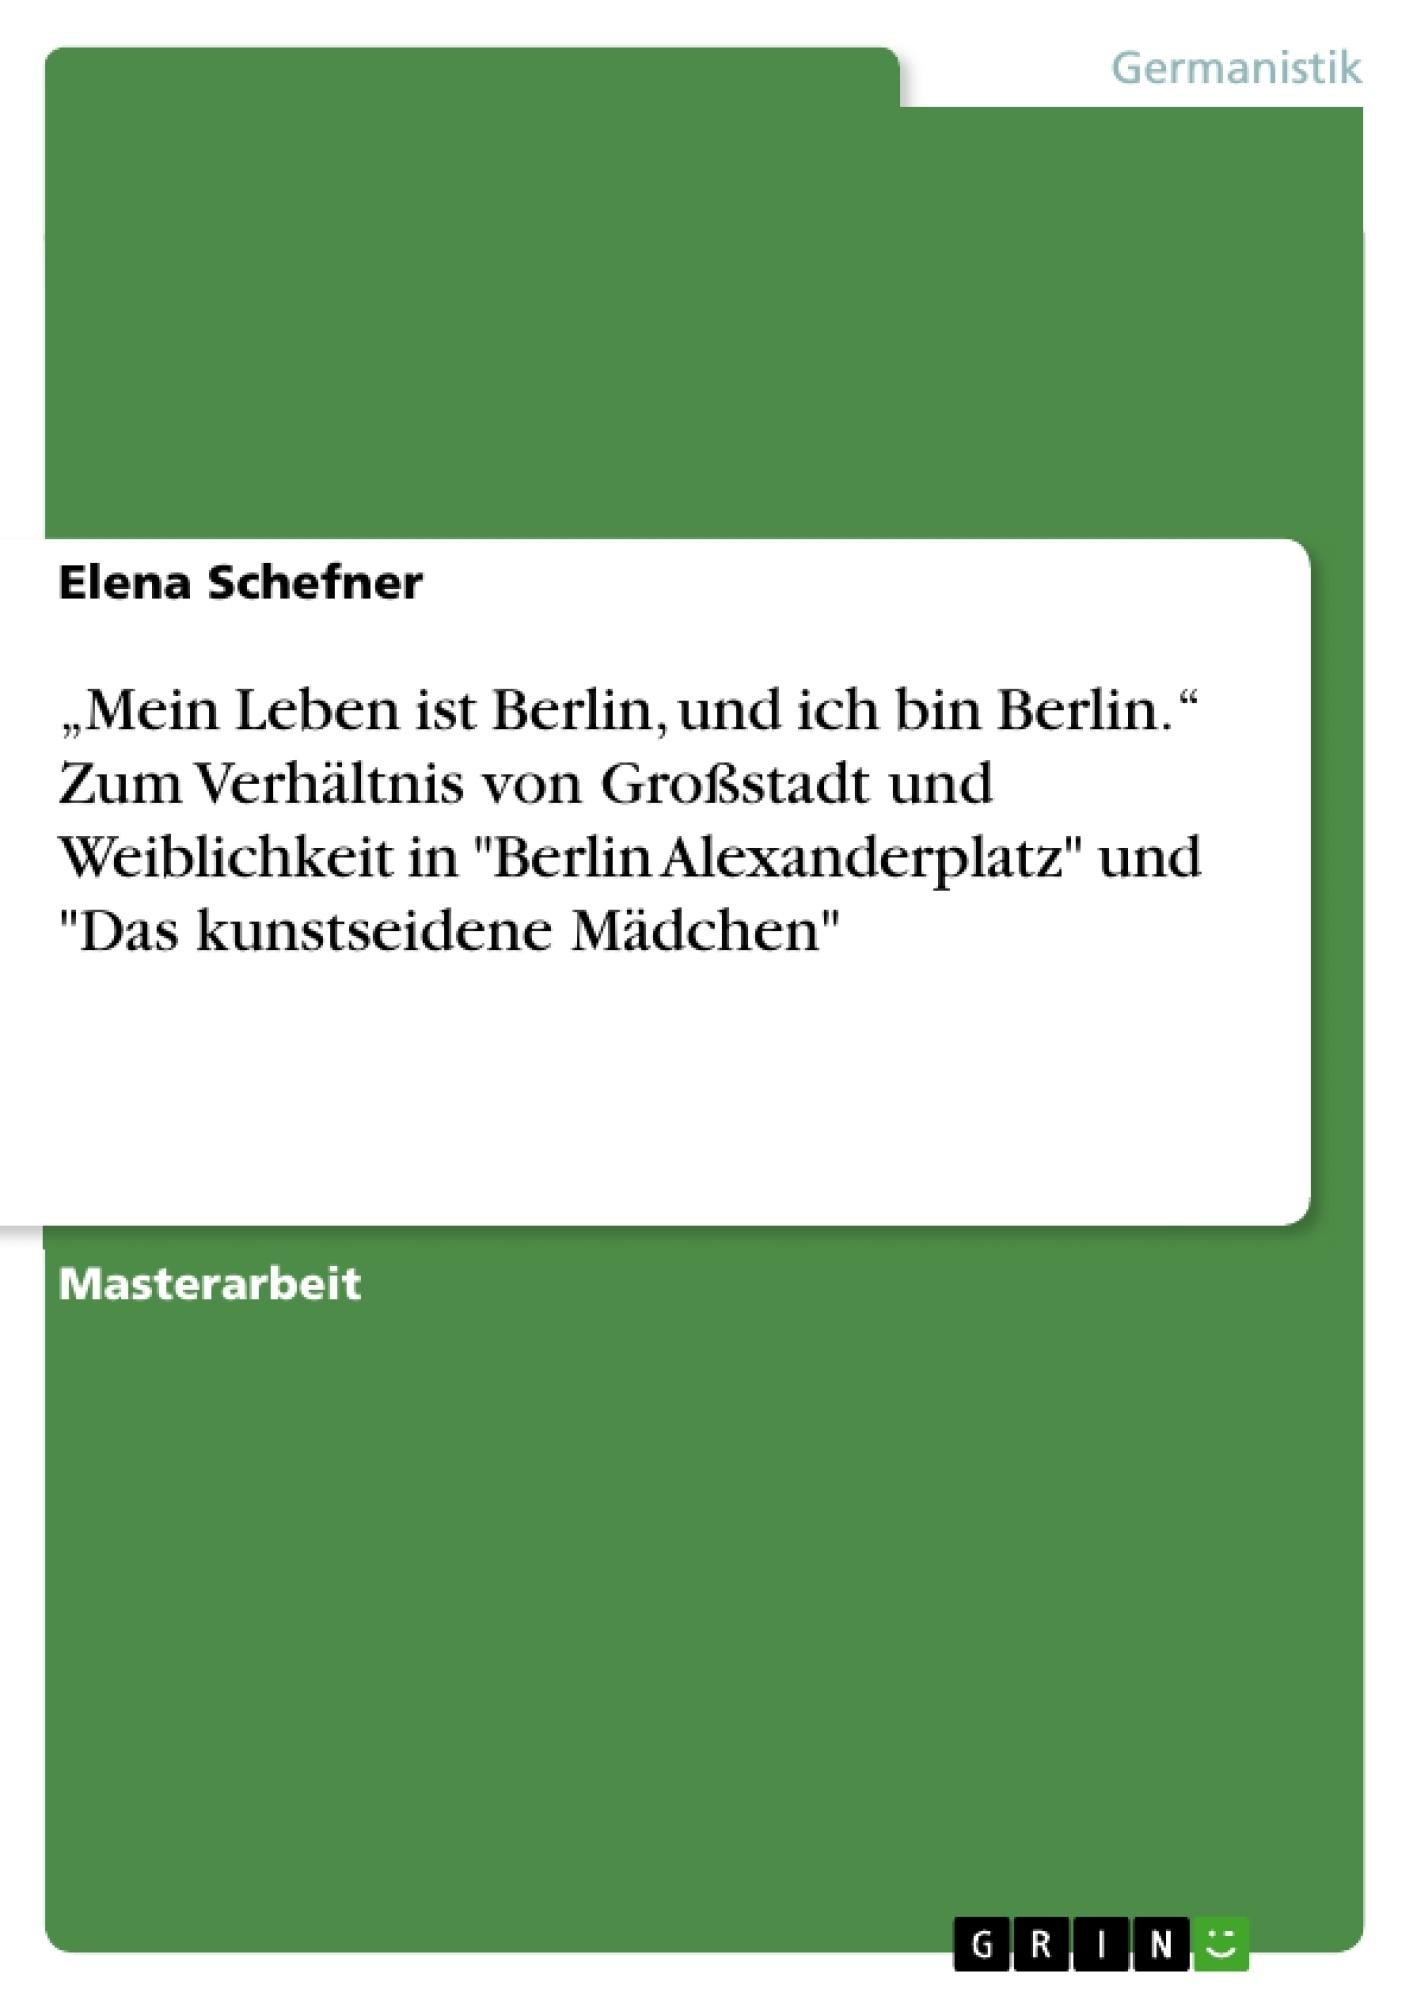 """Titel: """"Mein Leben ist Berlin, und ich bin Berlin."""" Zum Verhältnis von Großstadt und Weiblichkeit in """"Berlin Alexanderplatz"""" und """"Das kunstseidene Mädchen"""""""